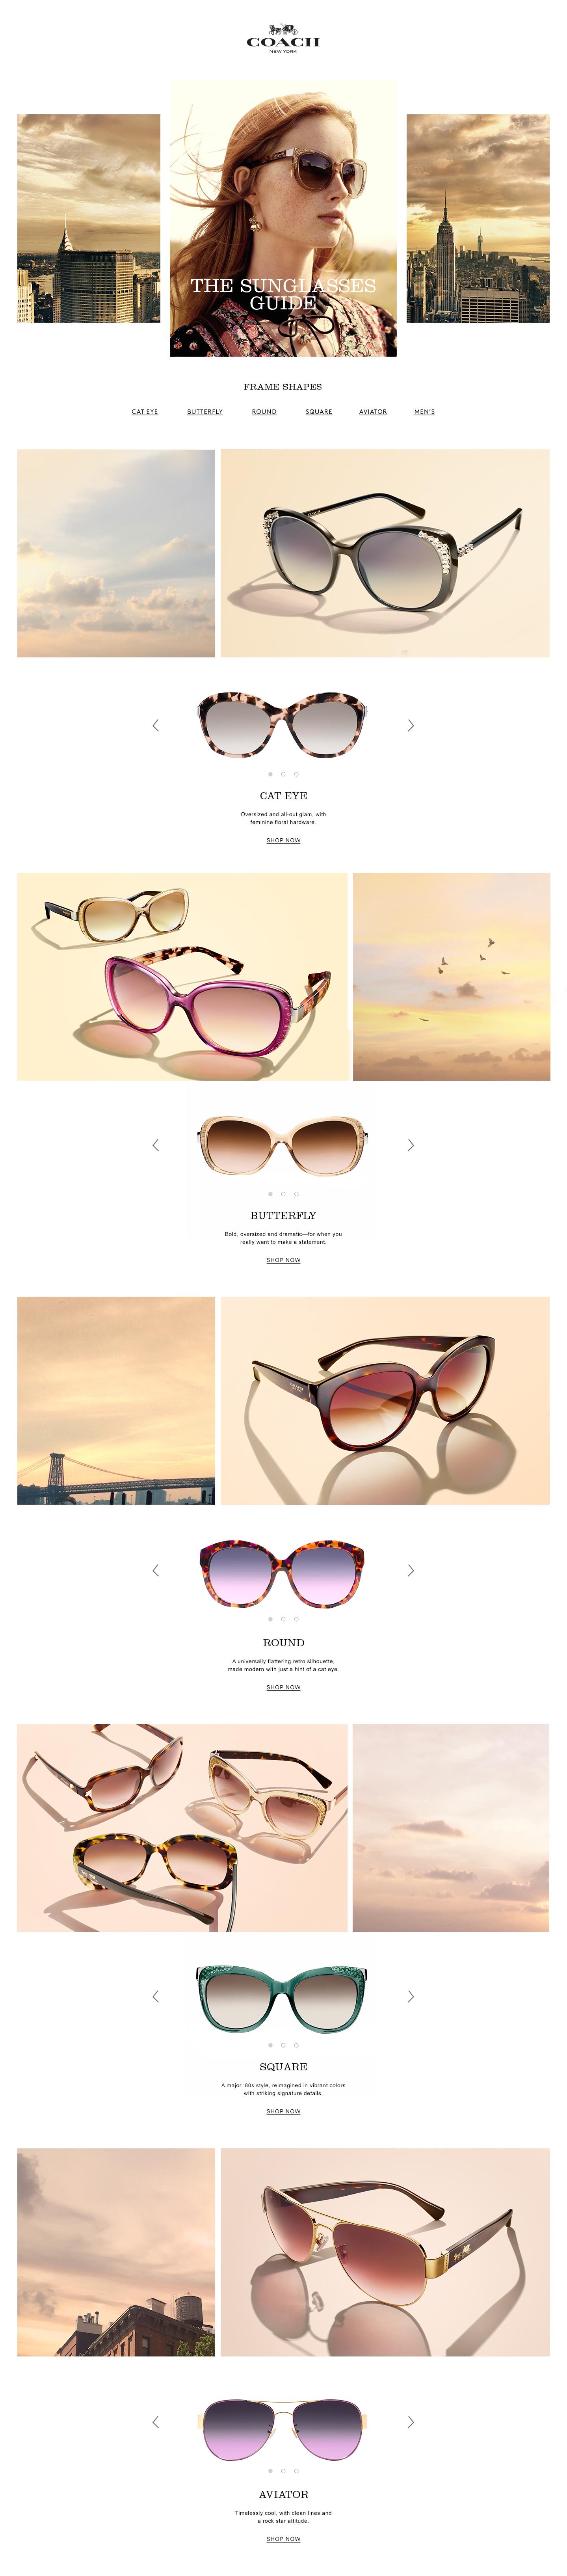 Sunglasses_guide.jpg